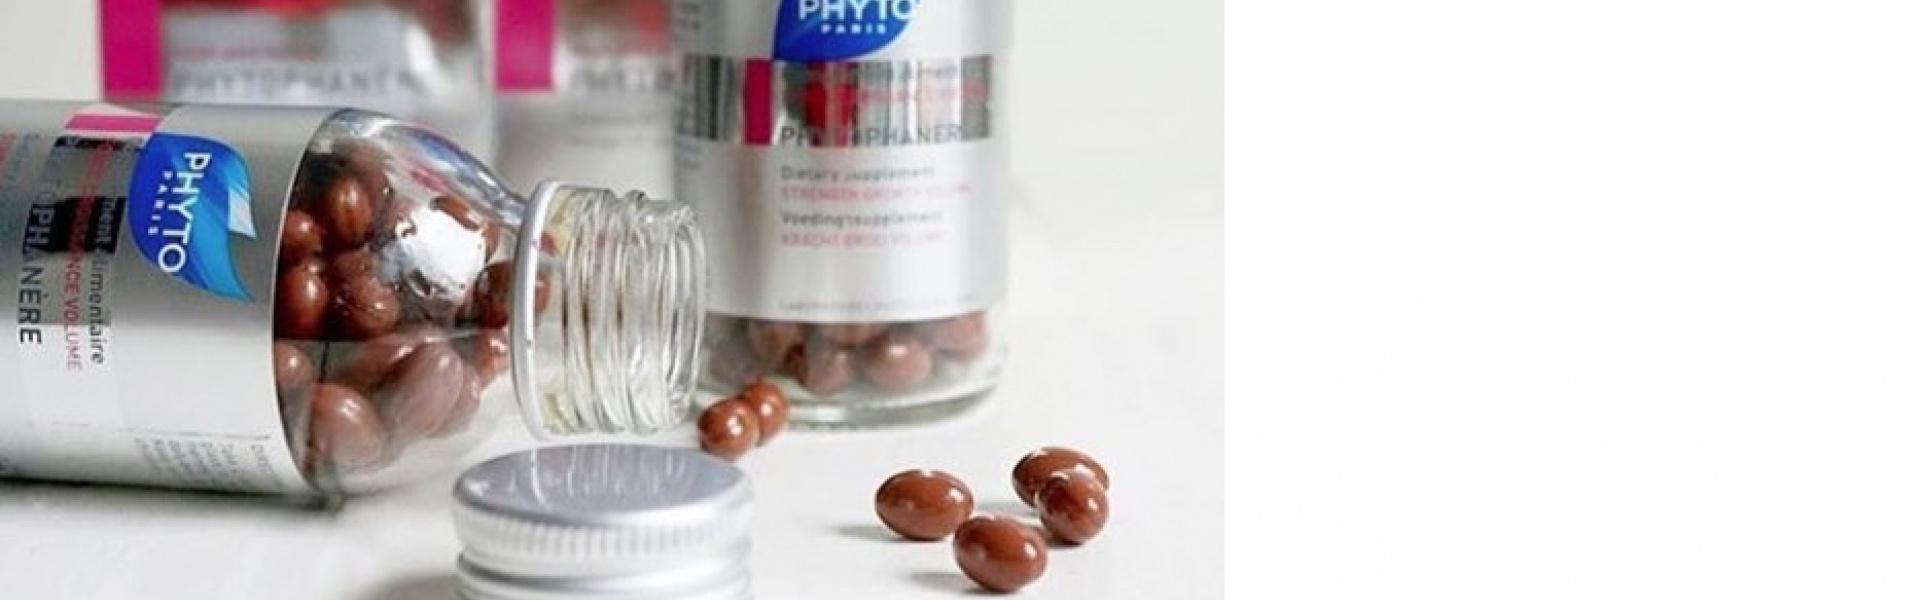 Campaña anticaída: Duplo phytophanere cabello y uñas fuertes.